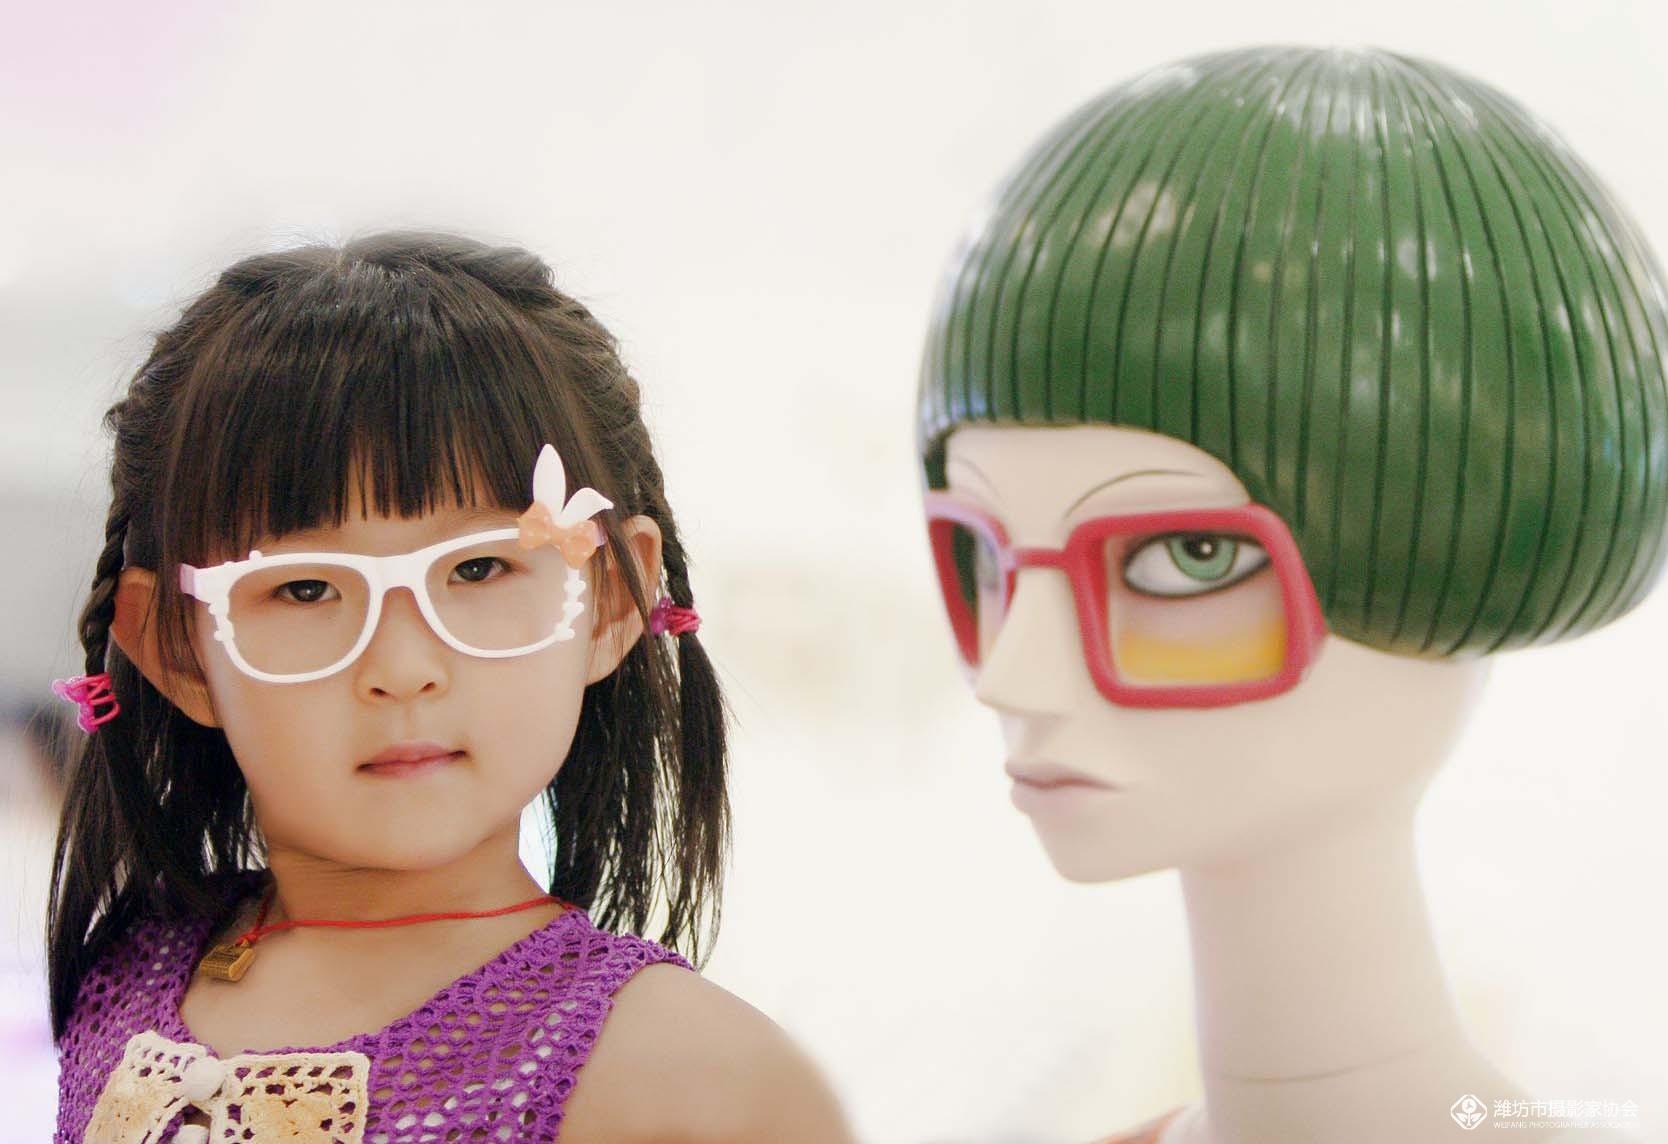 《小数码 大视界 (五十一)》戴眼镜的小女孩